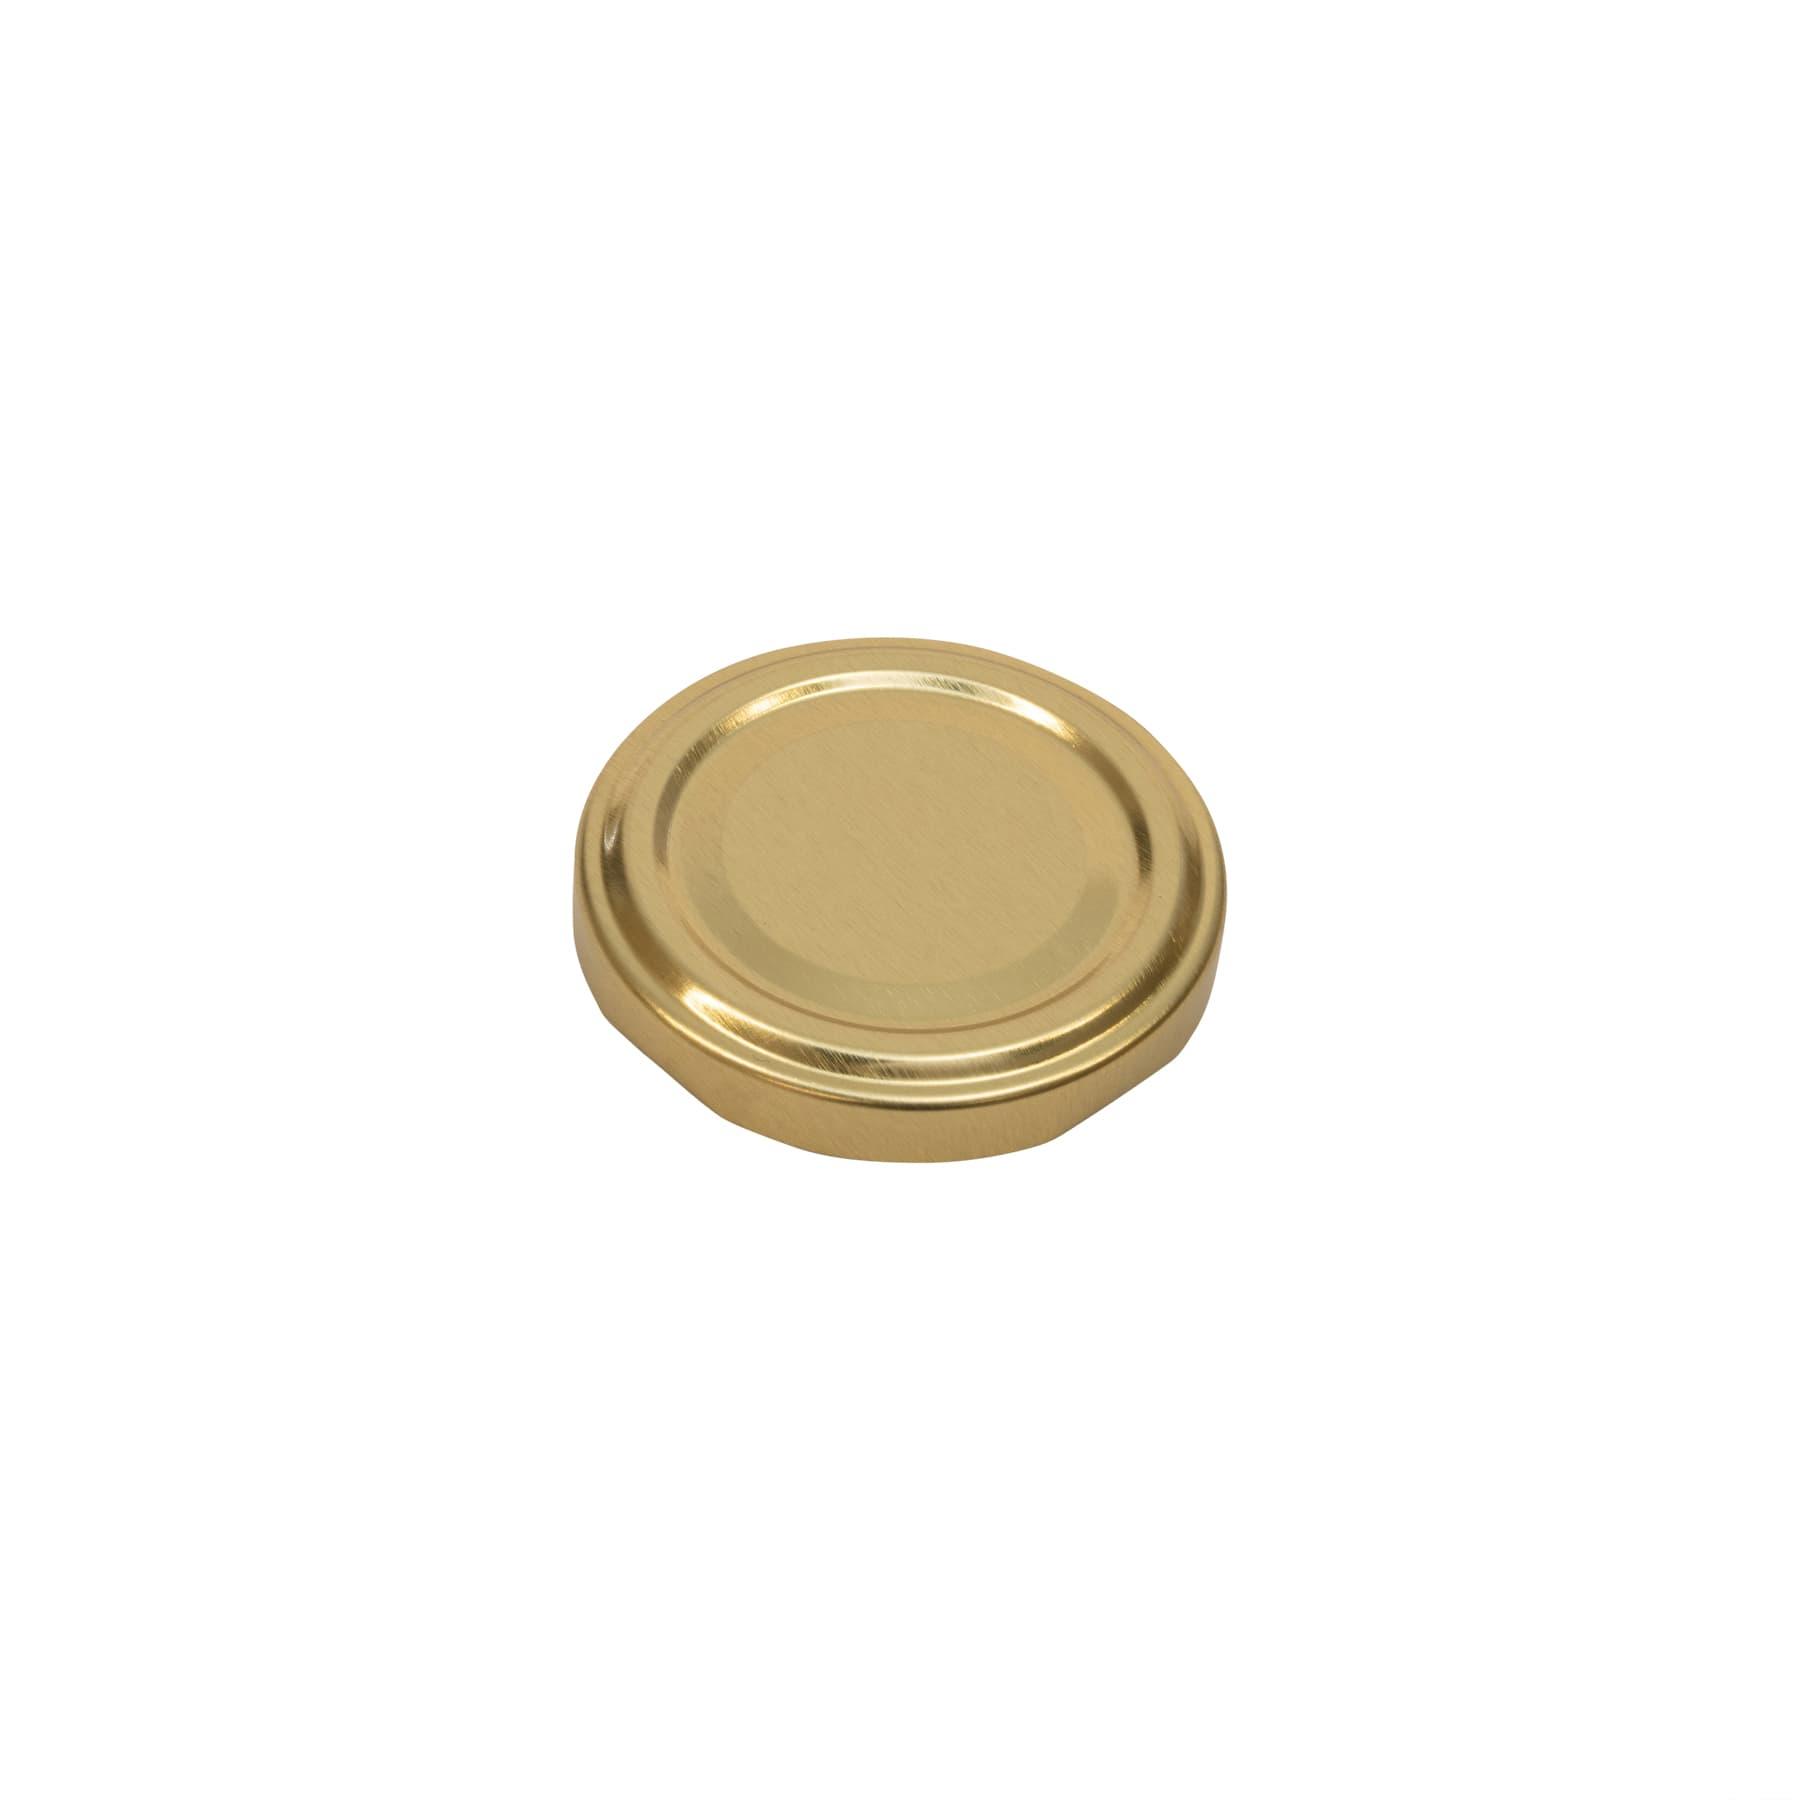 Twist Off Deckel gold 53 mm